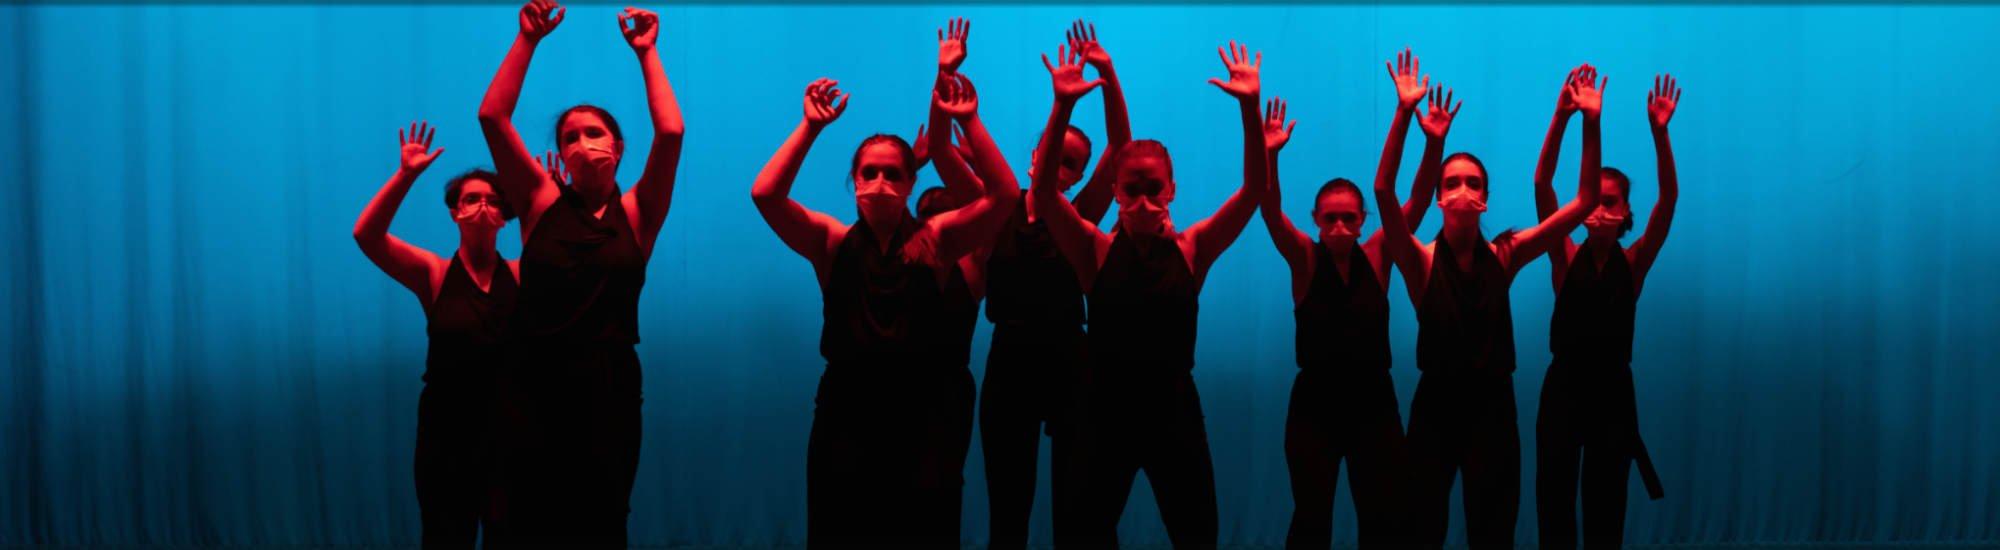 Affordable Dance Lessons - Hartford